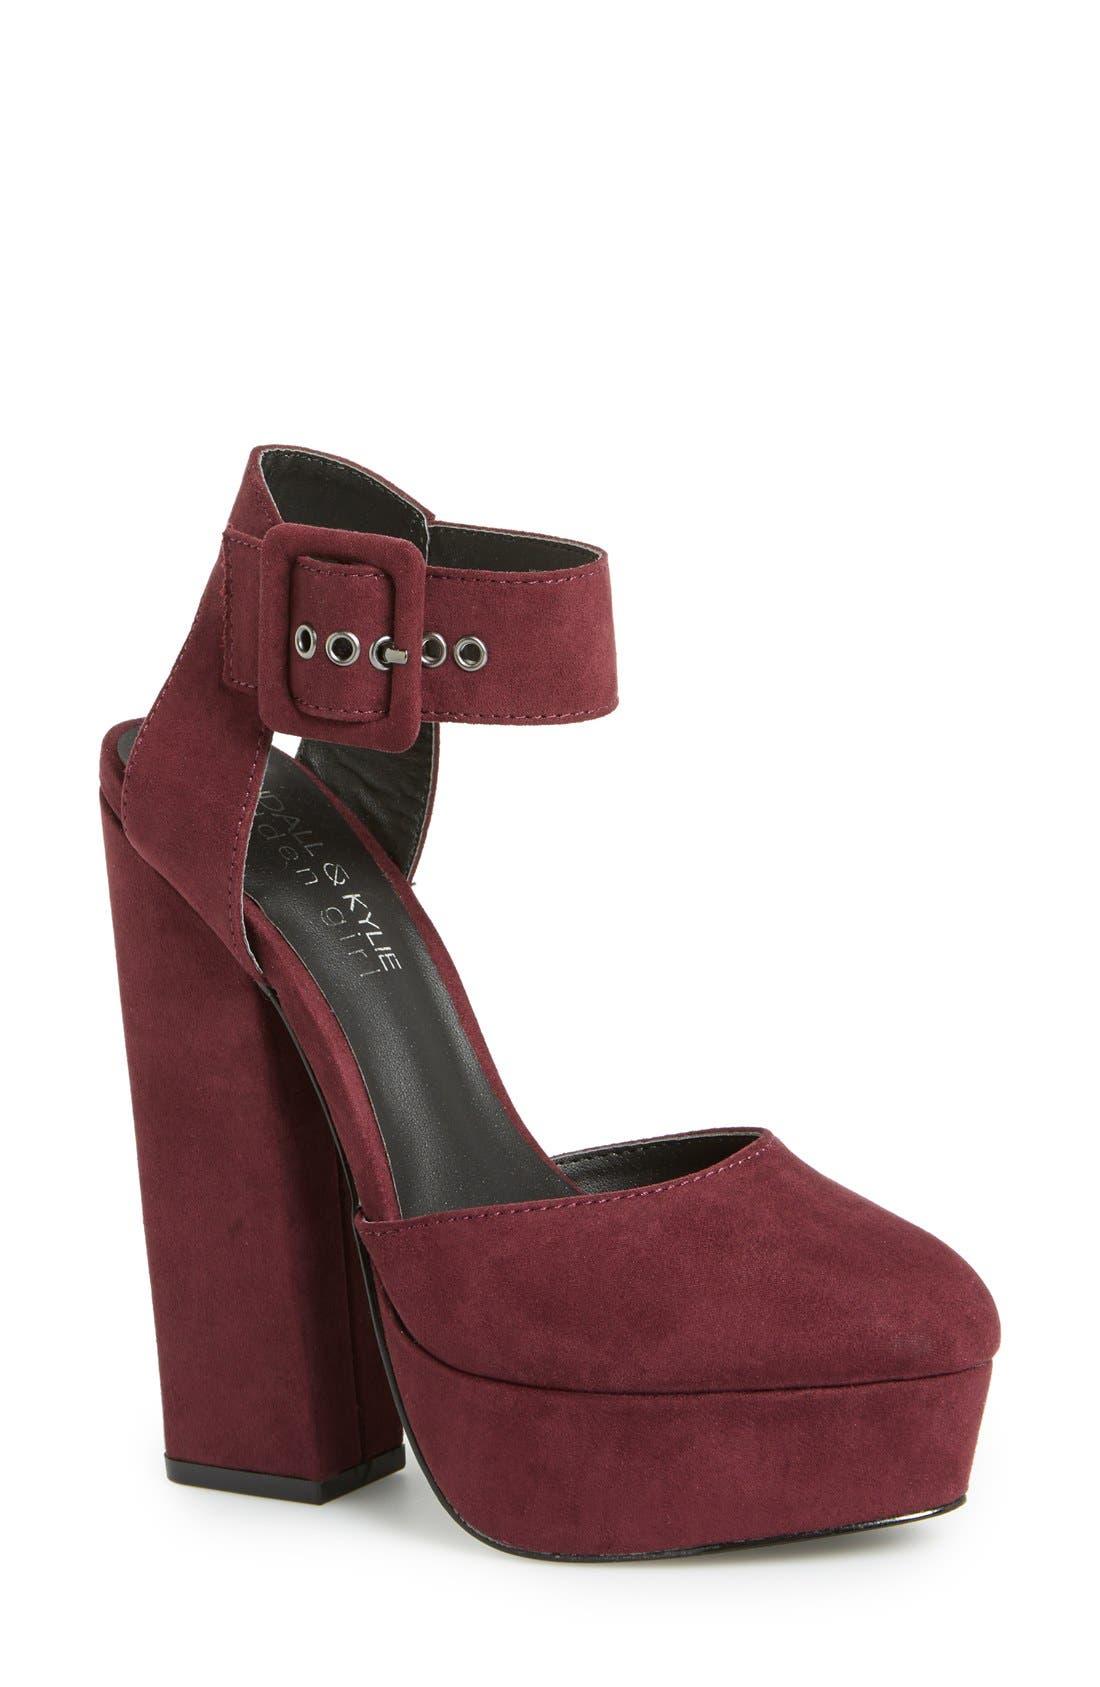 Main Image - KENDALL + KYLIE Madden Girl 'Whimsey' Platform Sandal (Women)